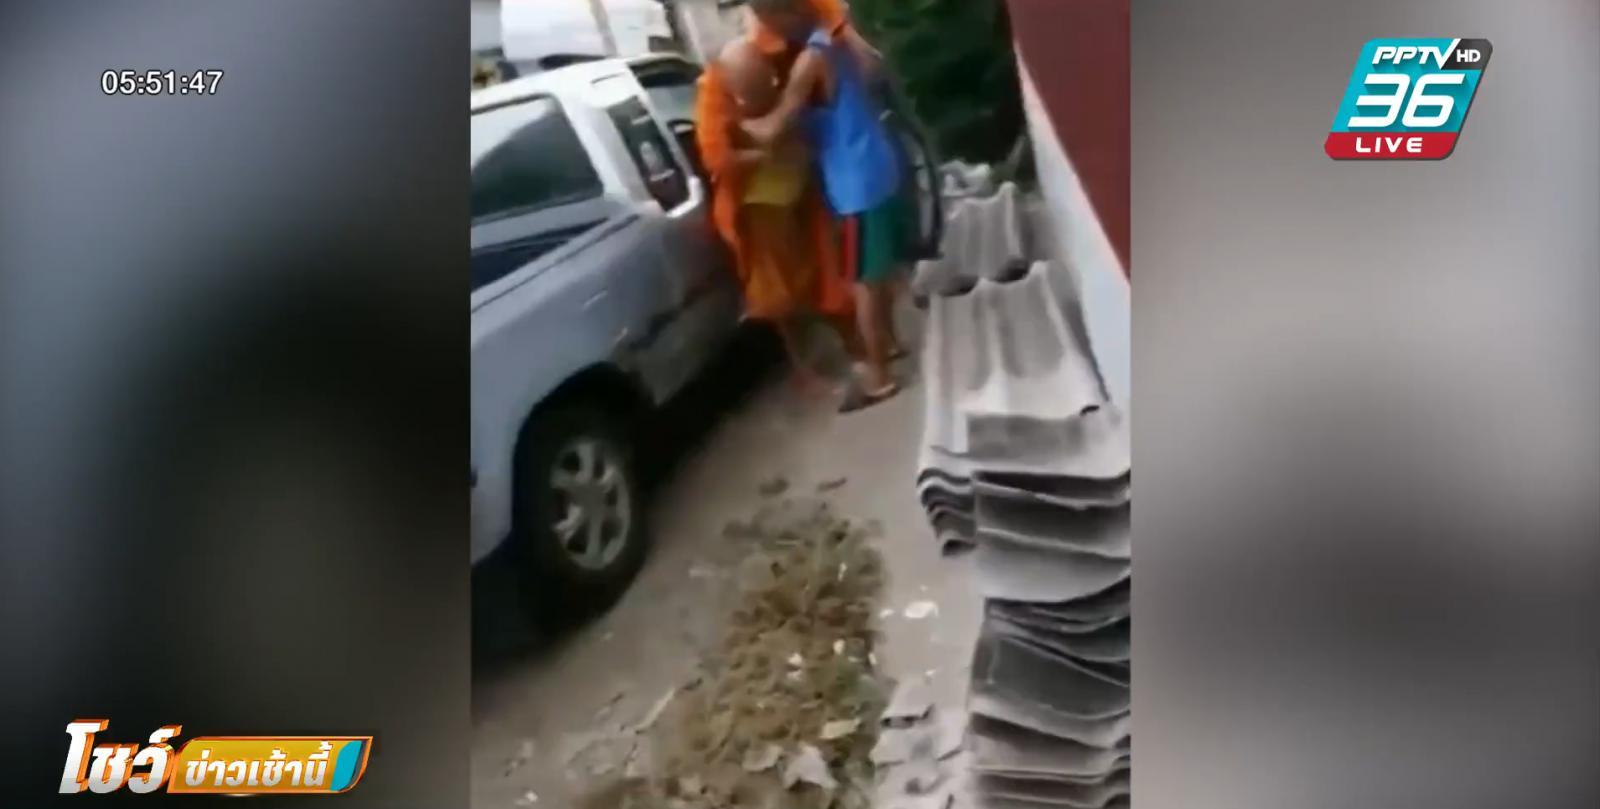 บุรีรัมย์ วิจารณ์สนั่น พระอกหักเมาขับรถชนรั้วชาวบ้าน